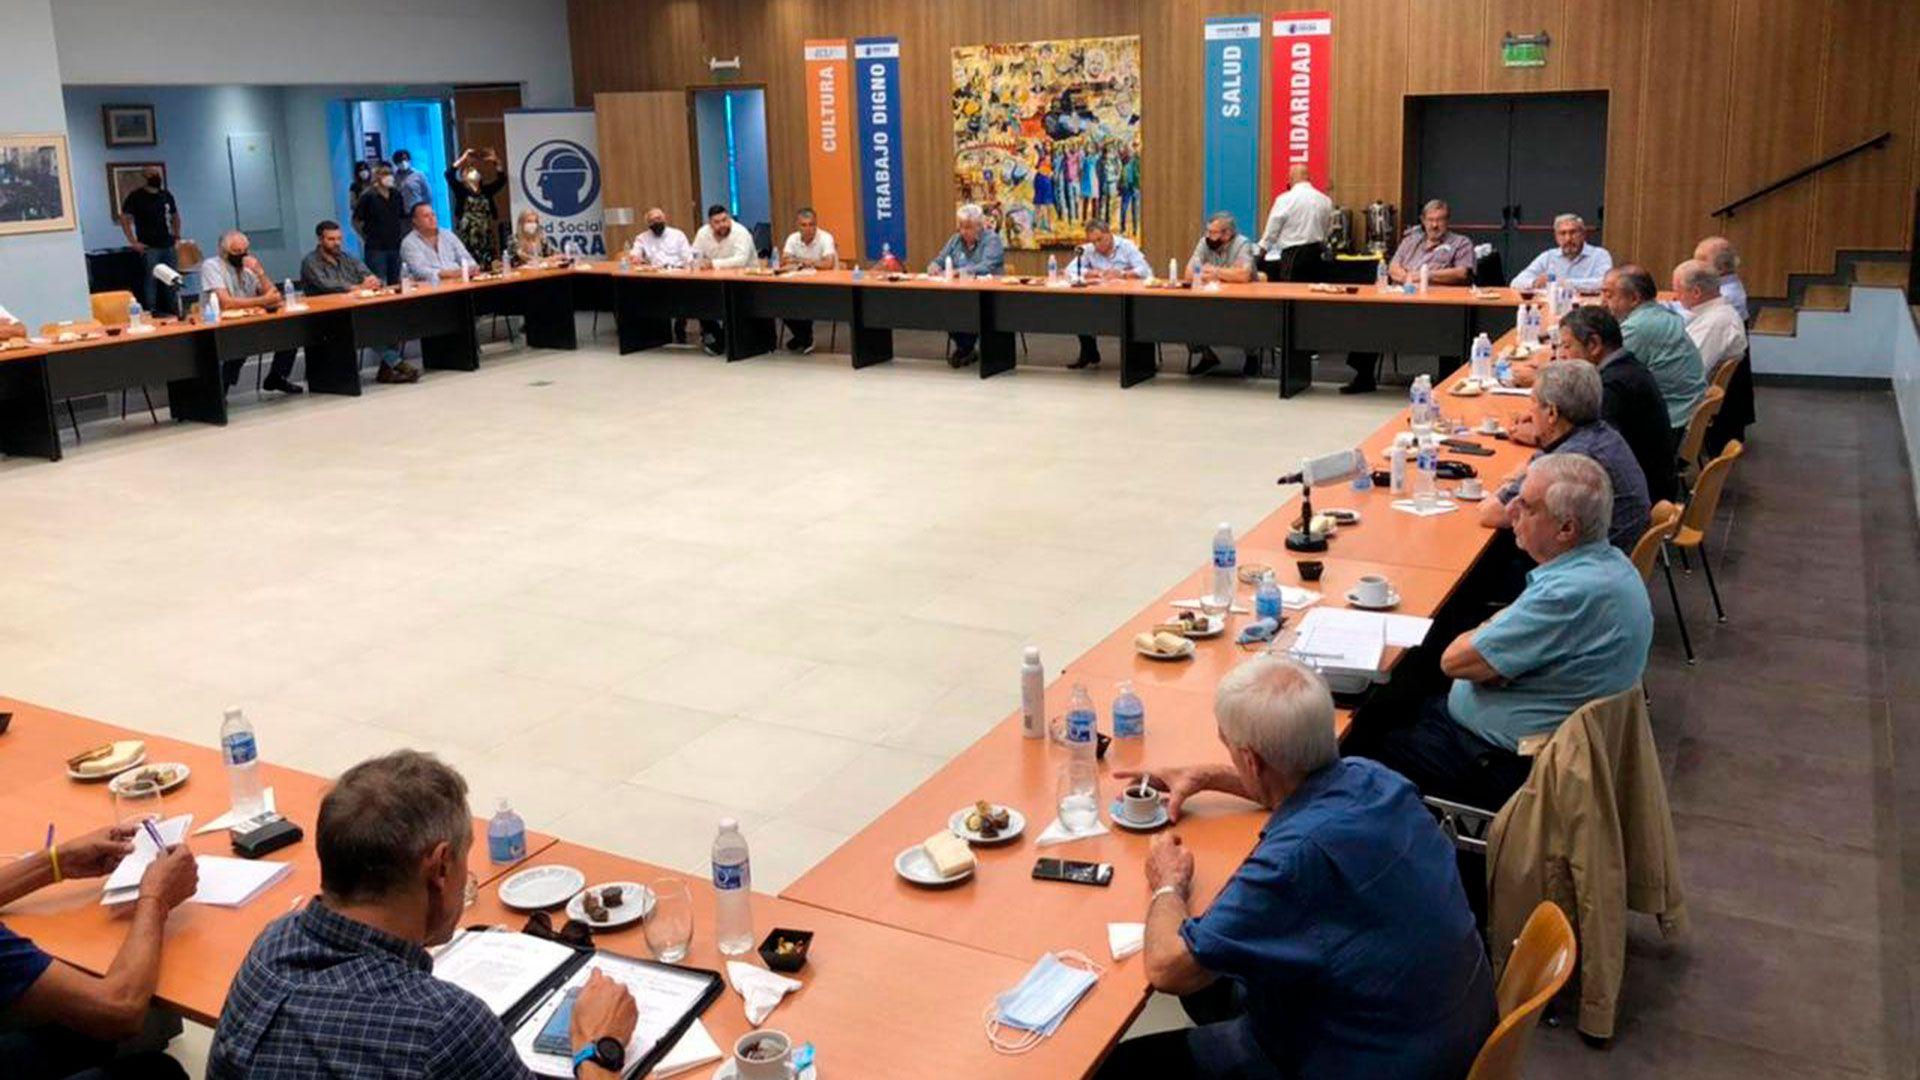 El consejo directivo de la CGT se reunio en la sede de la UOCRA